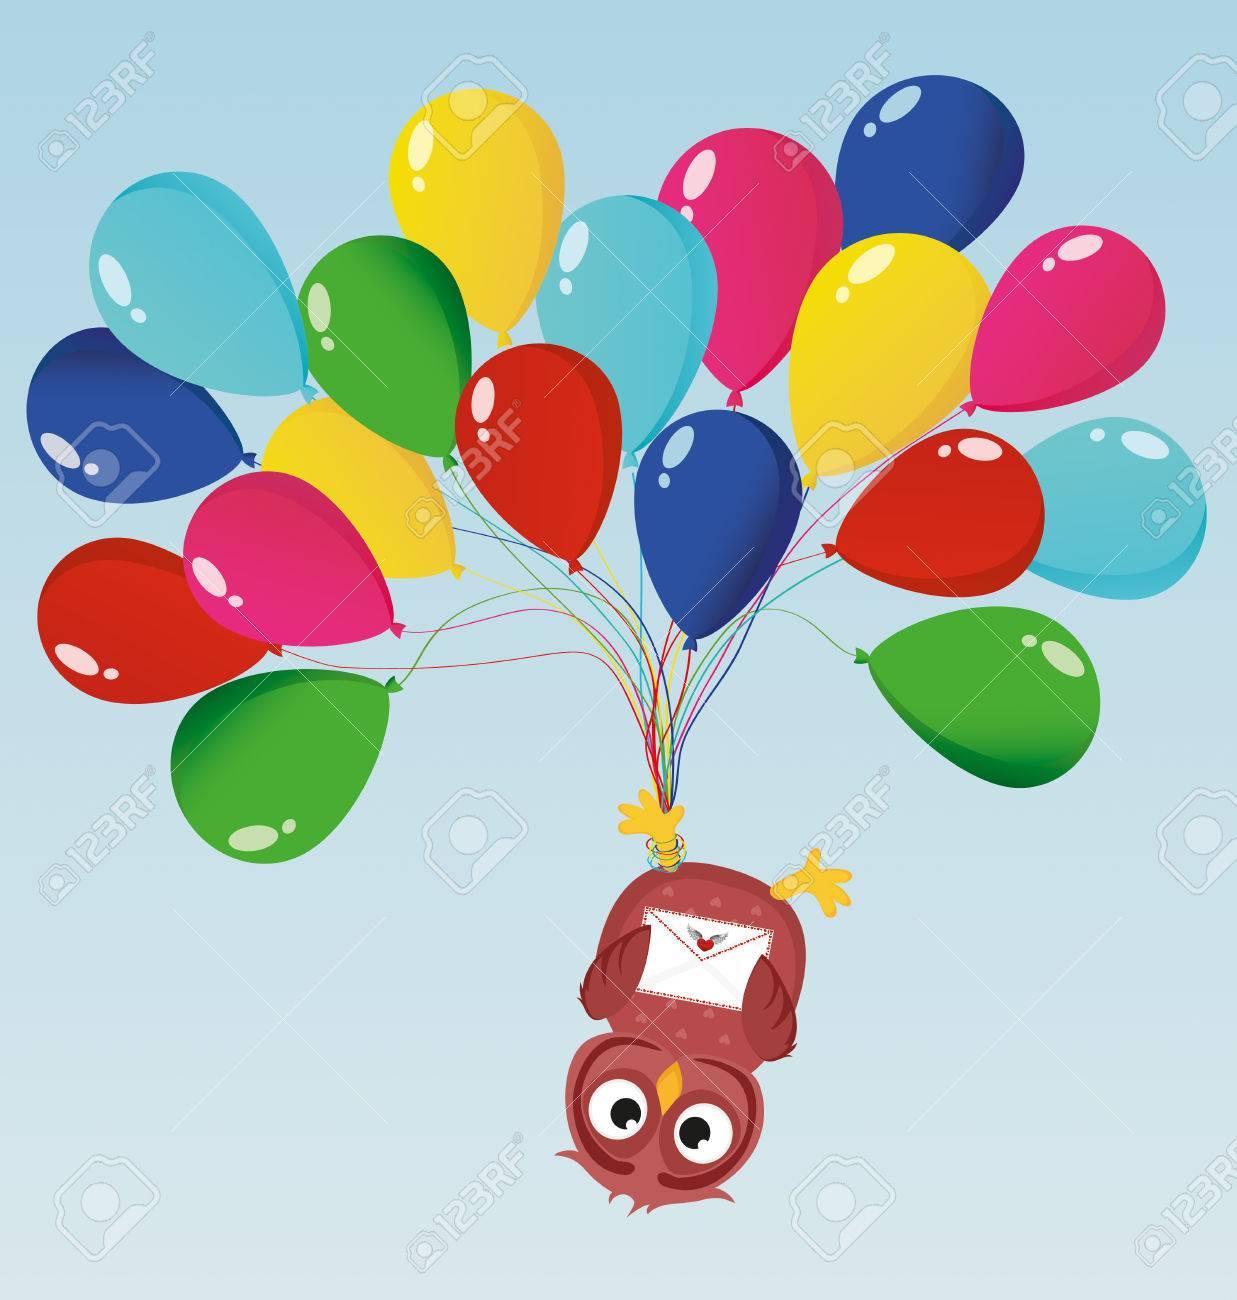 Favorito Cartolina Di Auguri O Invito Per Un Compleanno E Una Vacanza. Il  WK86